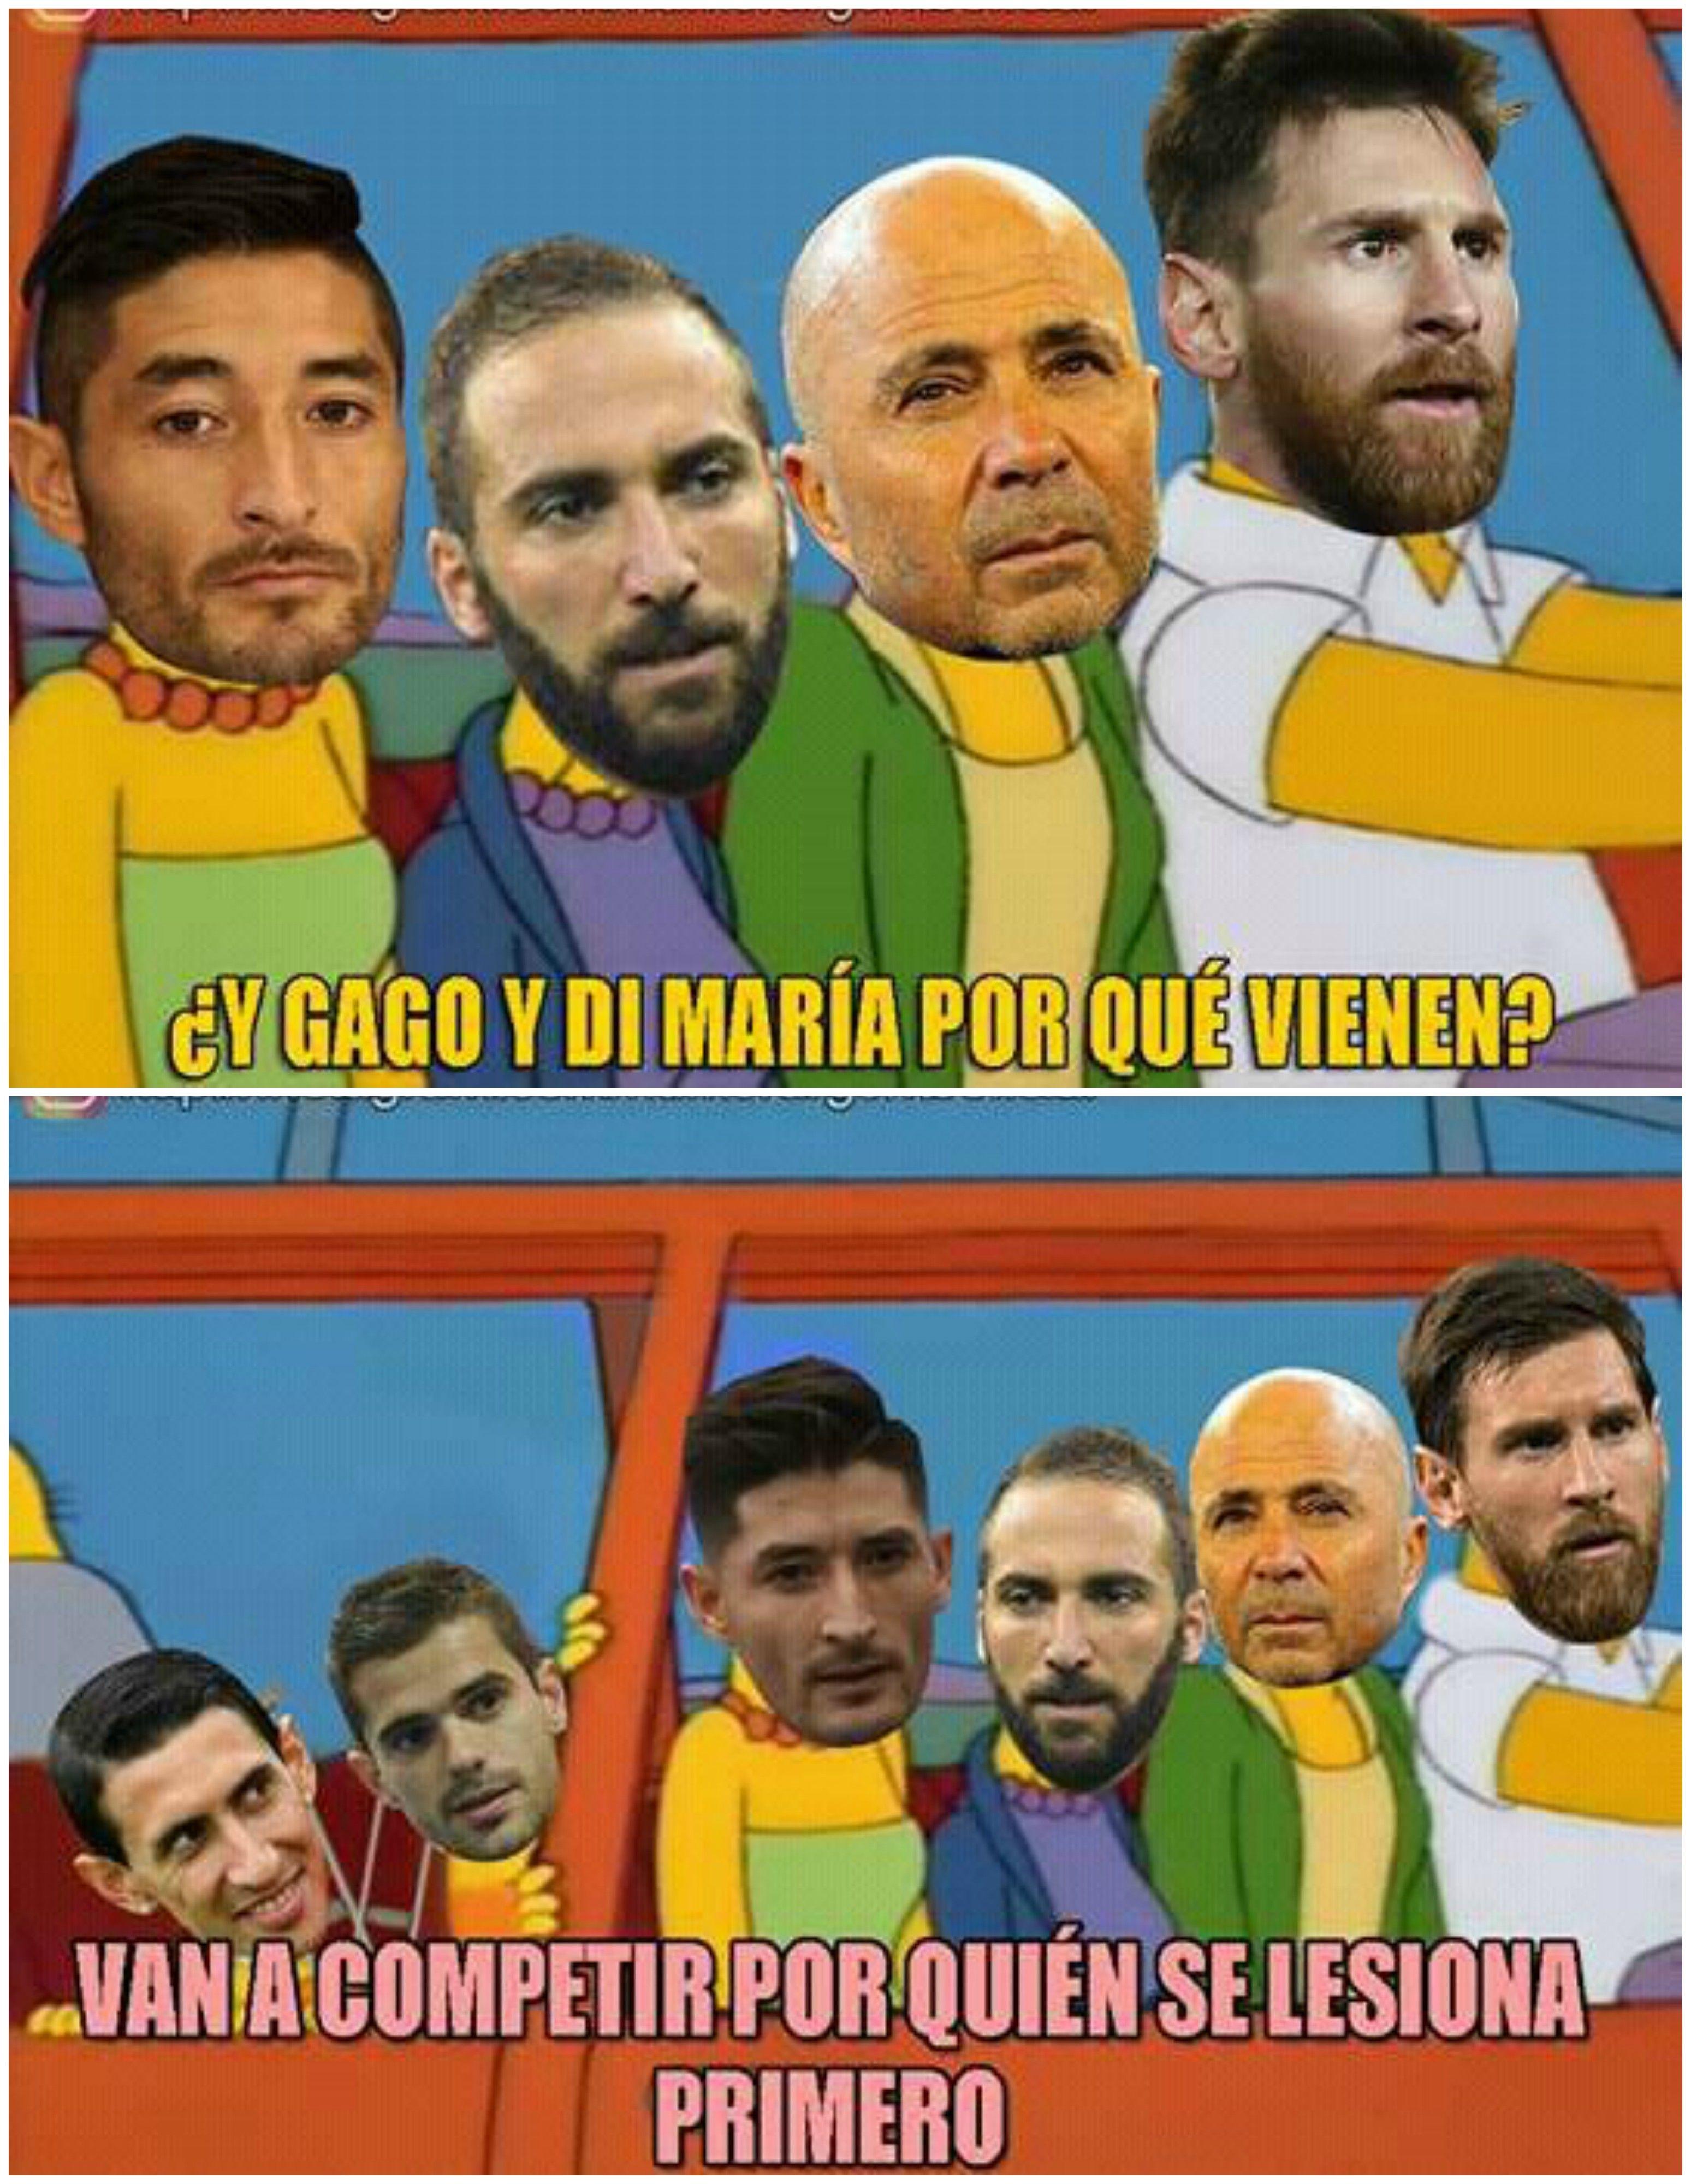 Los más crueles memes sobre la lesión de Fernando Gago